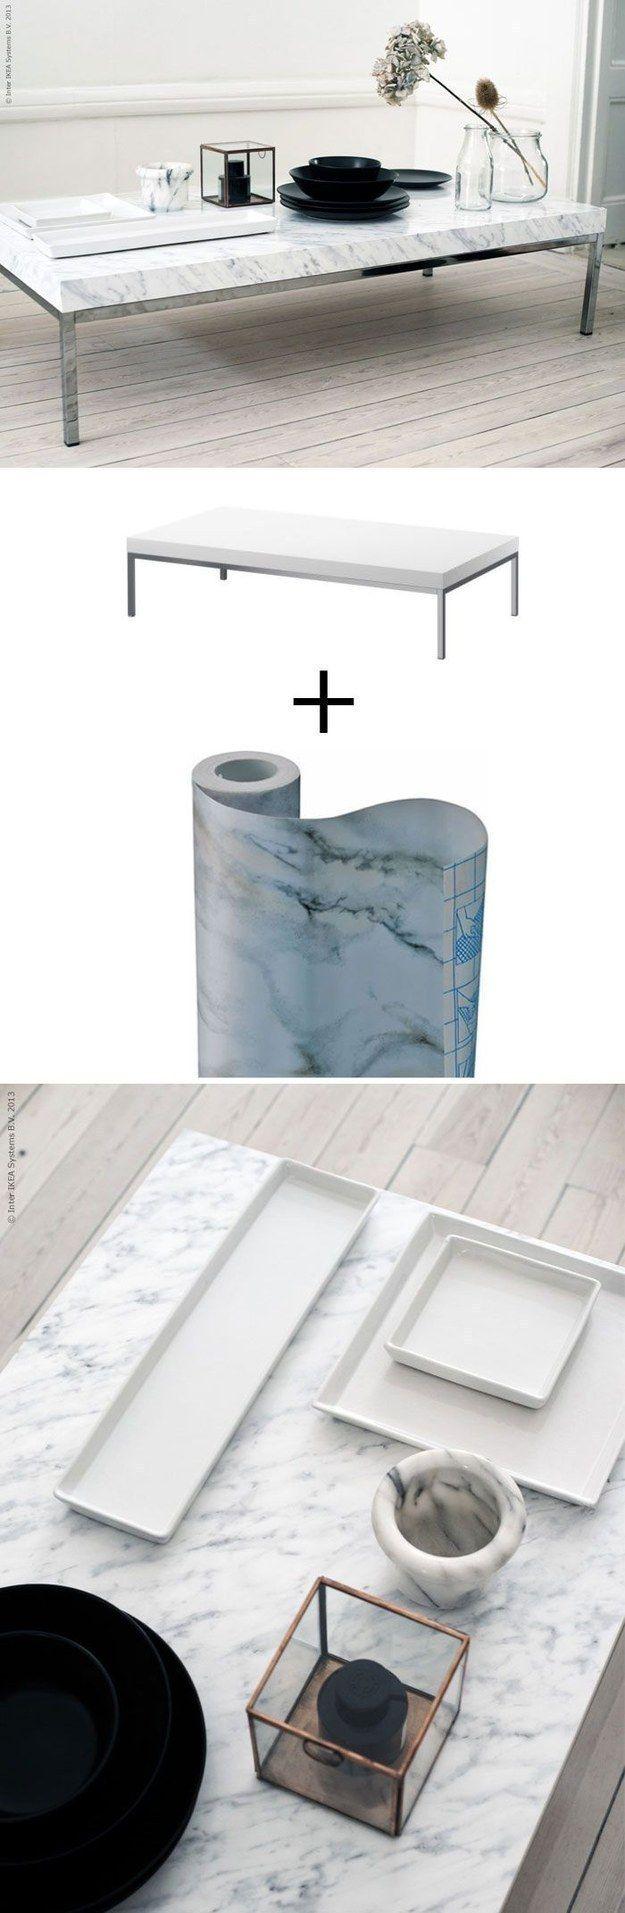 Cubre una mesa con papel adhesivo imitación mármol. | 24 maneras fáciles de hacer que tus muebles se vean más caros